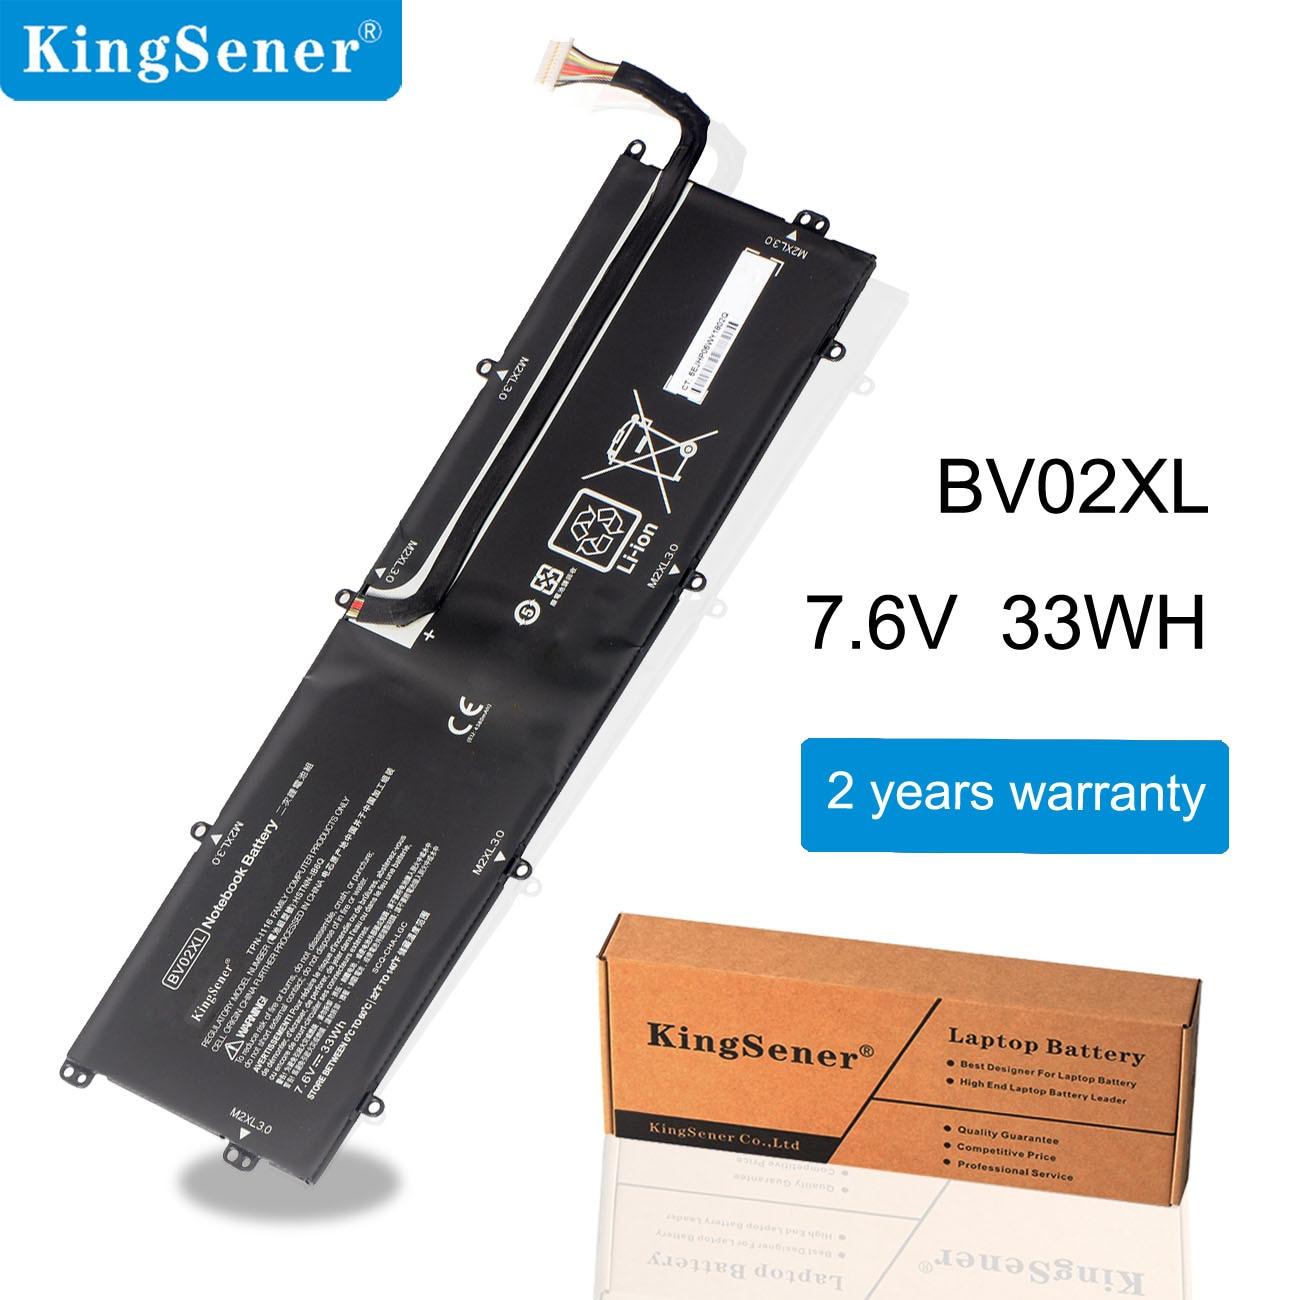 Kingsener BV02XL 775624-121 Laptop Battery For HP Envy X2 13-J050NA J000NP J012DX J099NX HSTNN-IB6Q